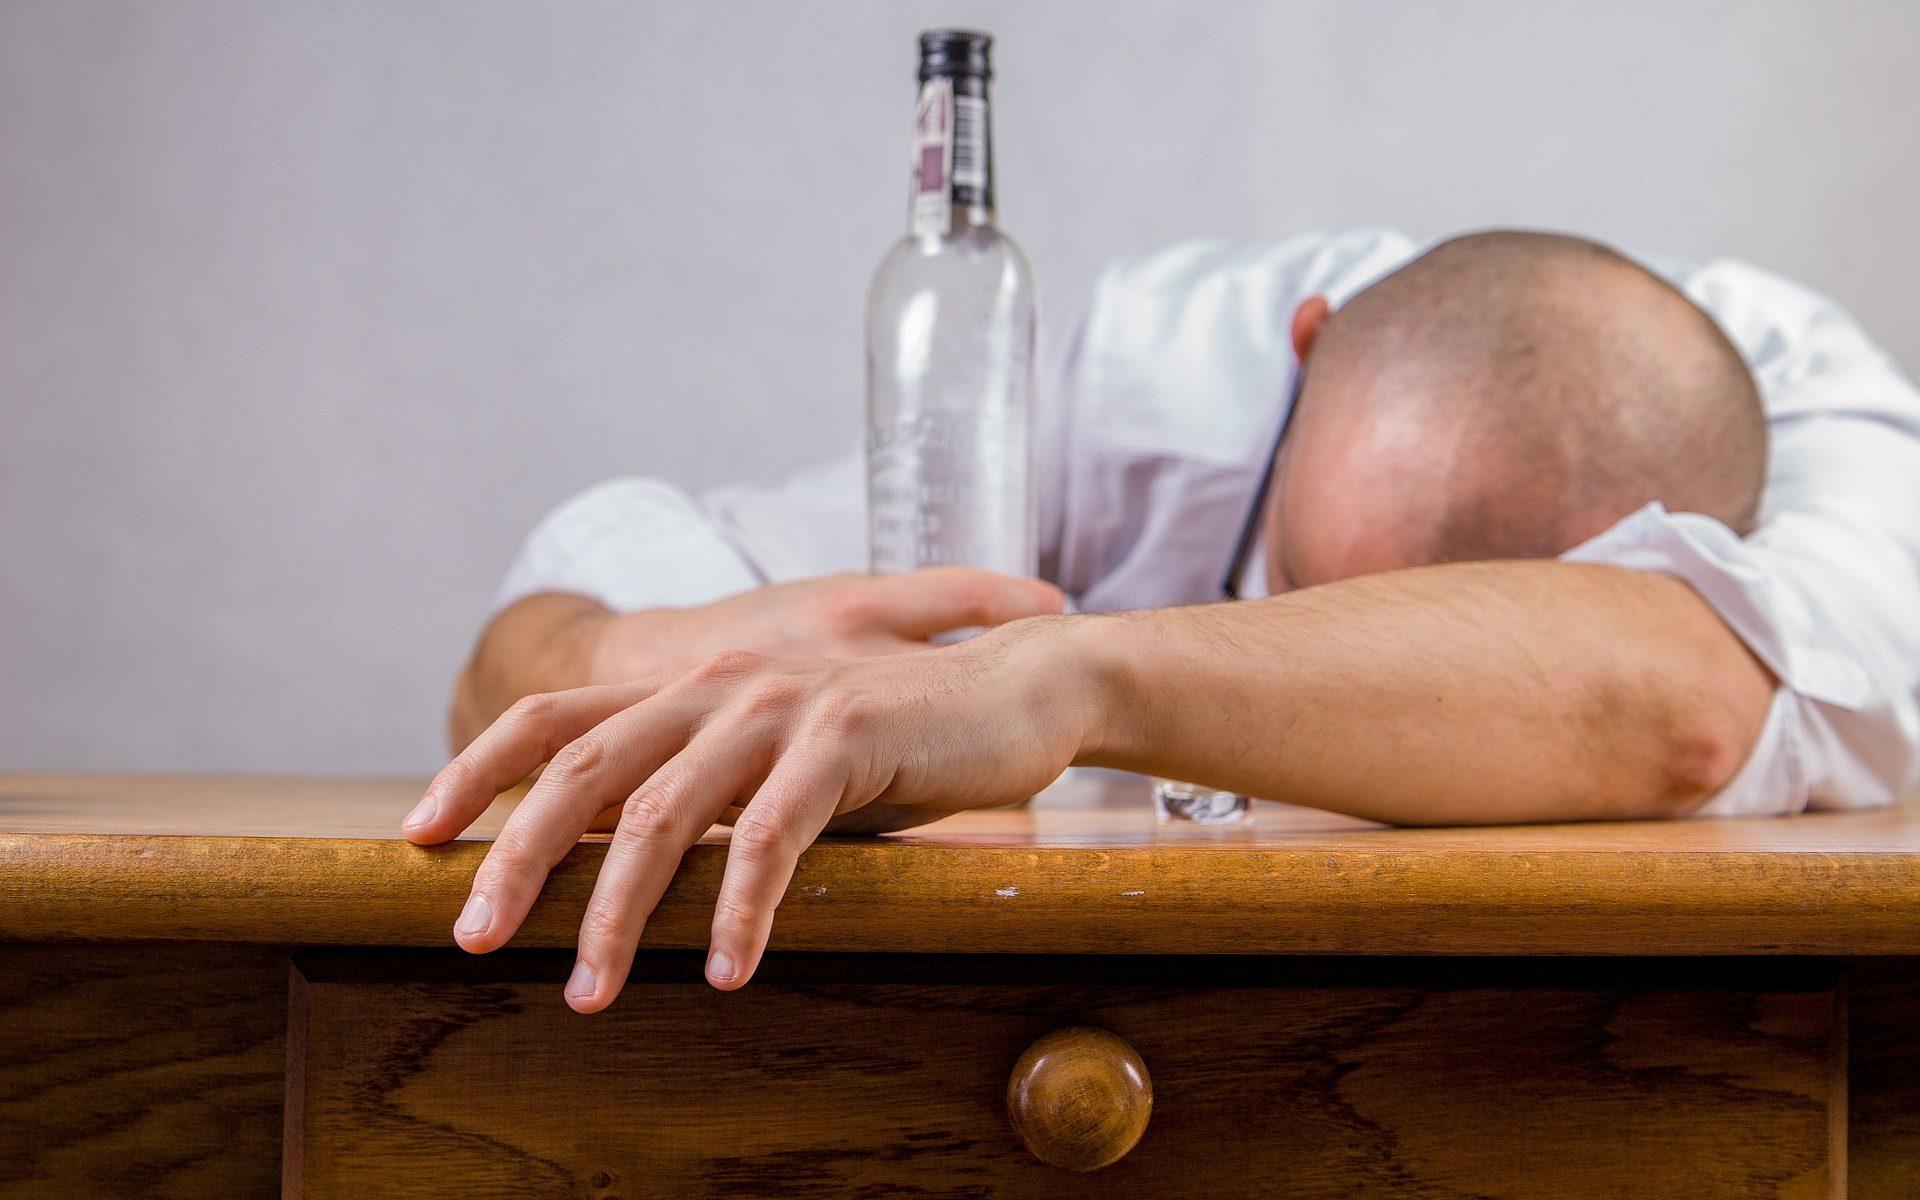 drunken besoffen 1920x1200 - Bing: Die Suchmaschine von Microsoft - sturzbetrunken durch die Nacht